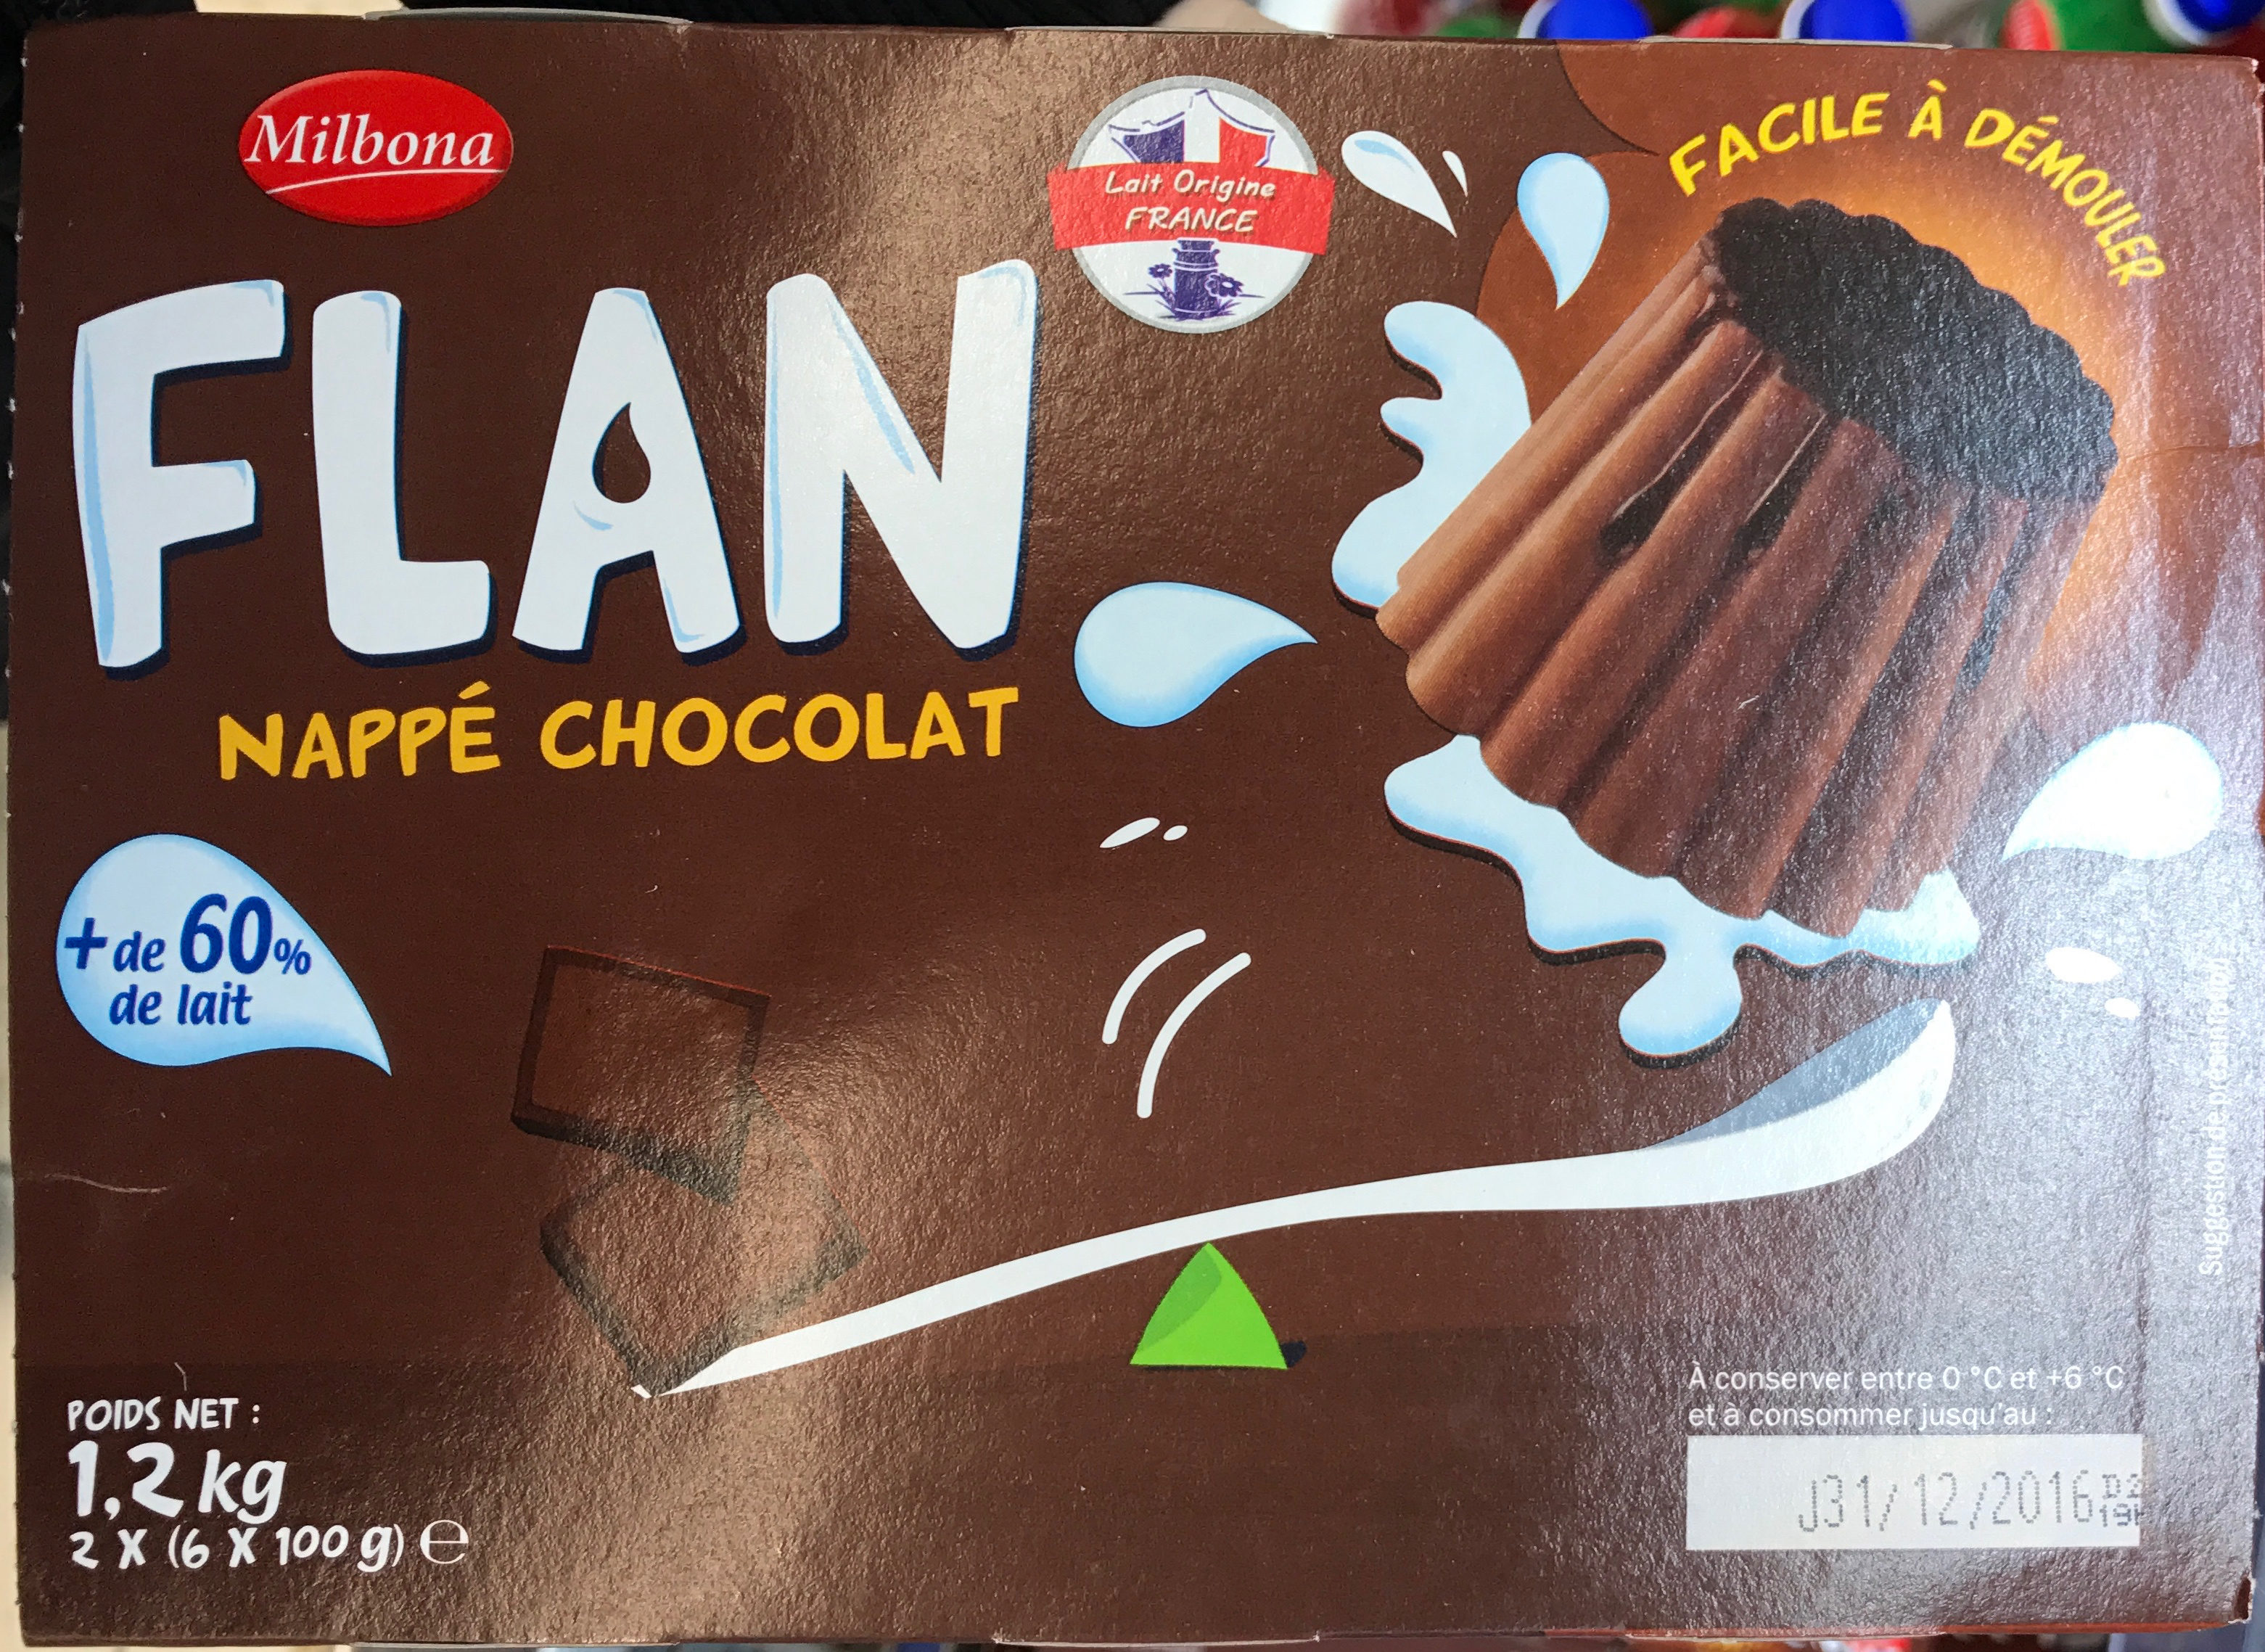 Flan nappé Chocolat - Product - fr